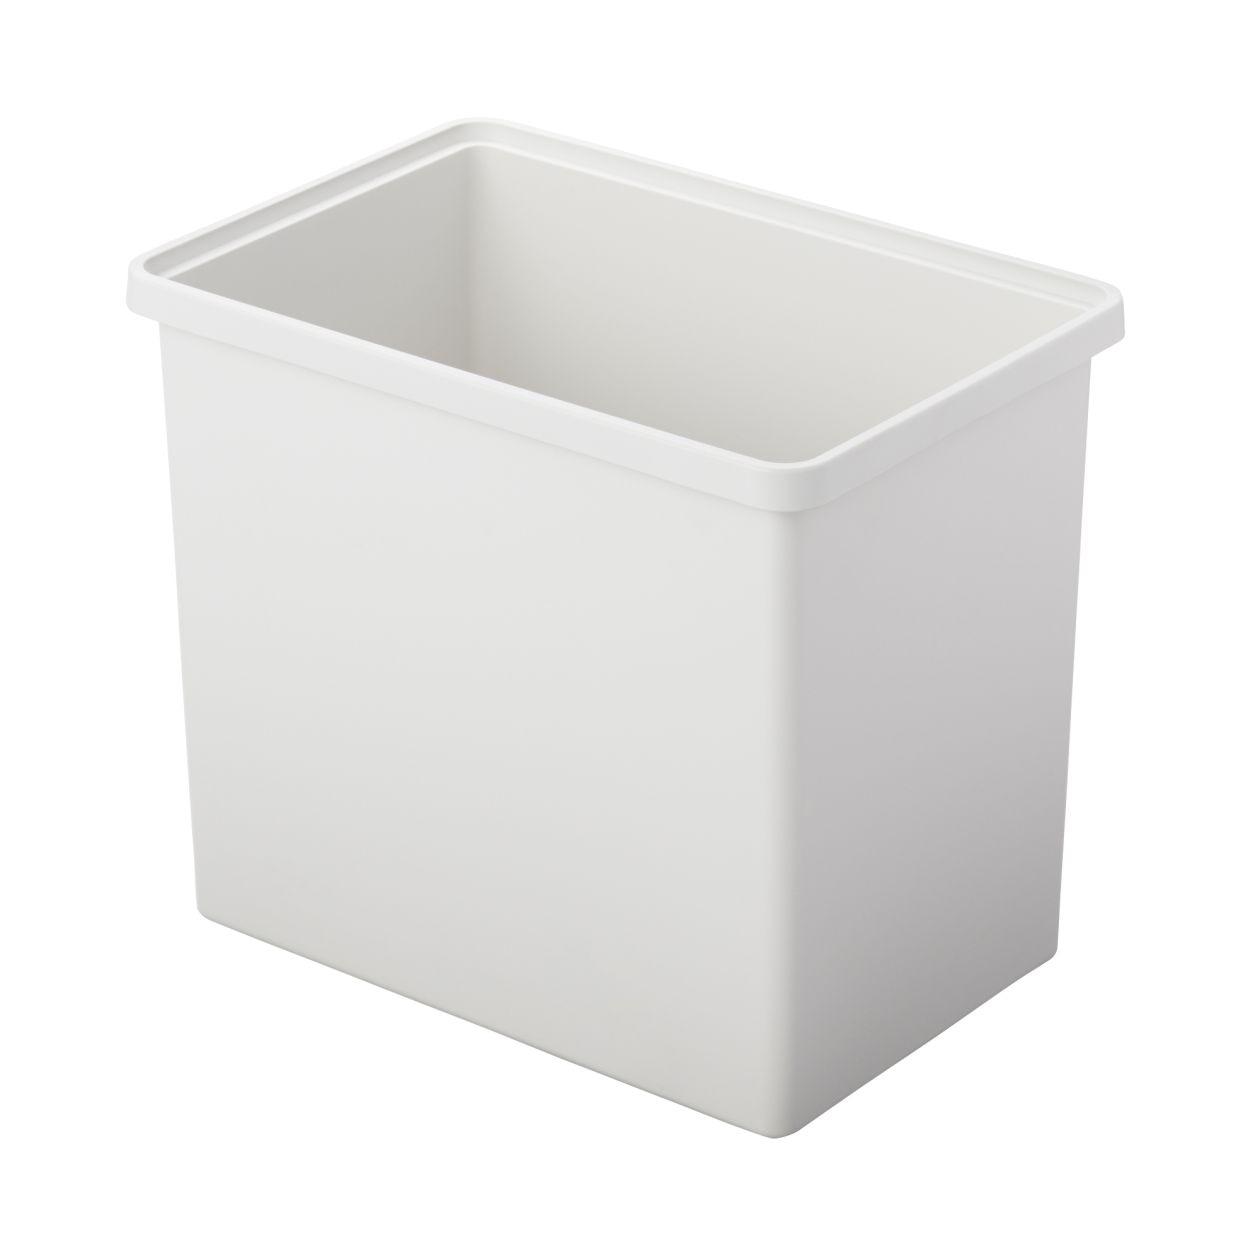 【ネット限定】ポリプロピレン収納ボックス・深・ホワイトグレー